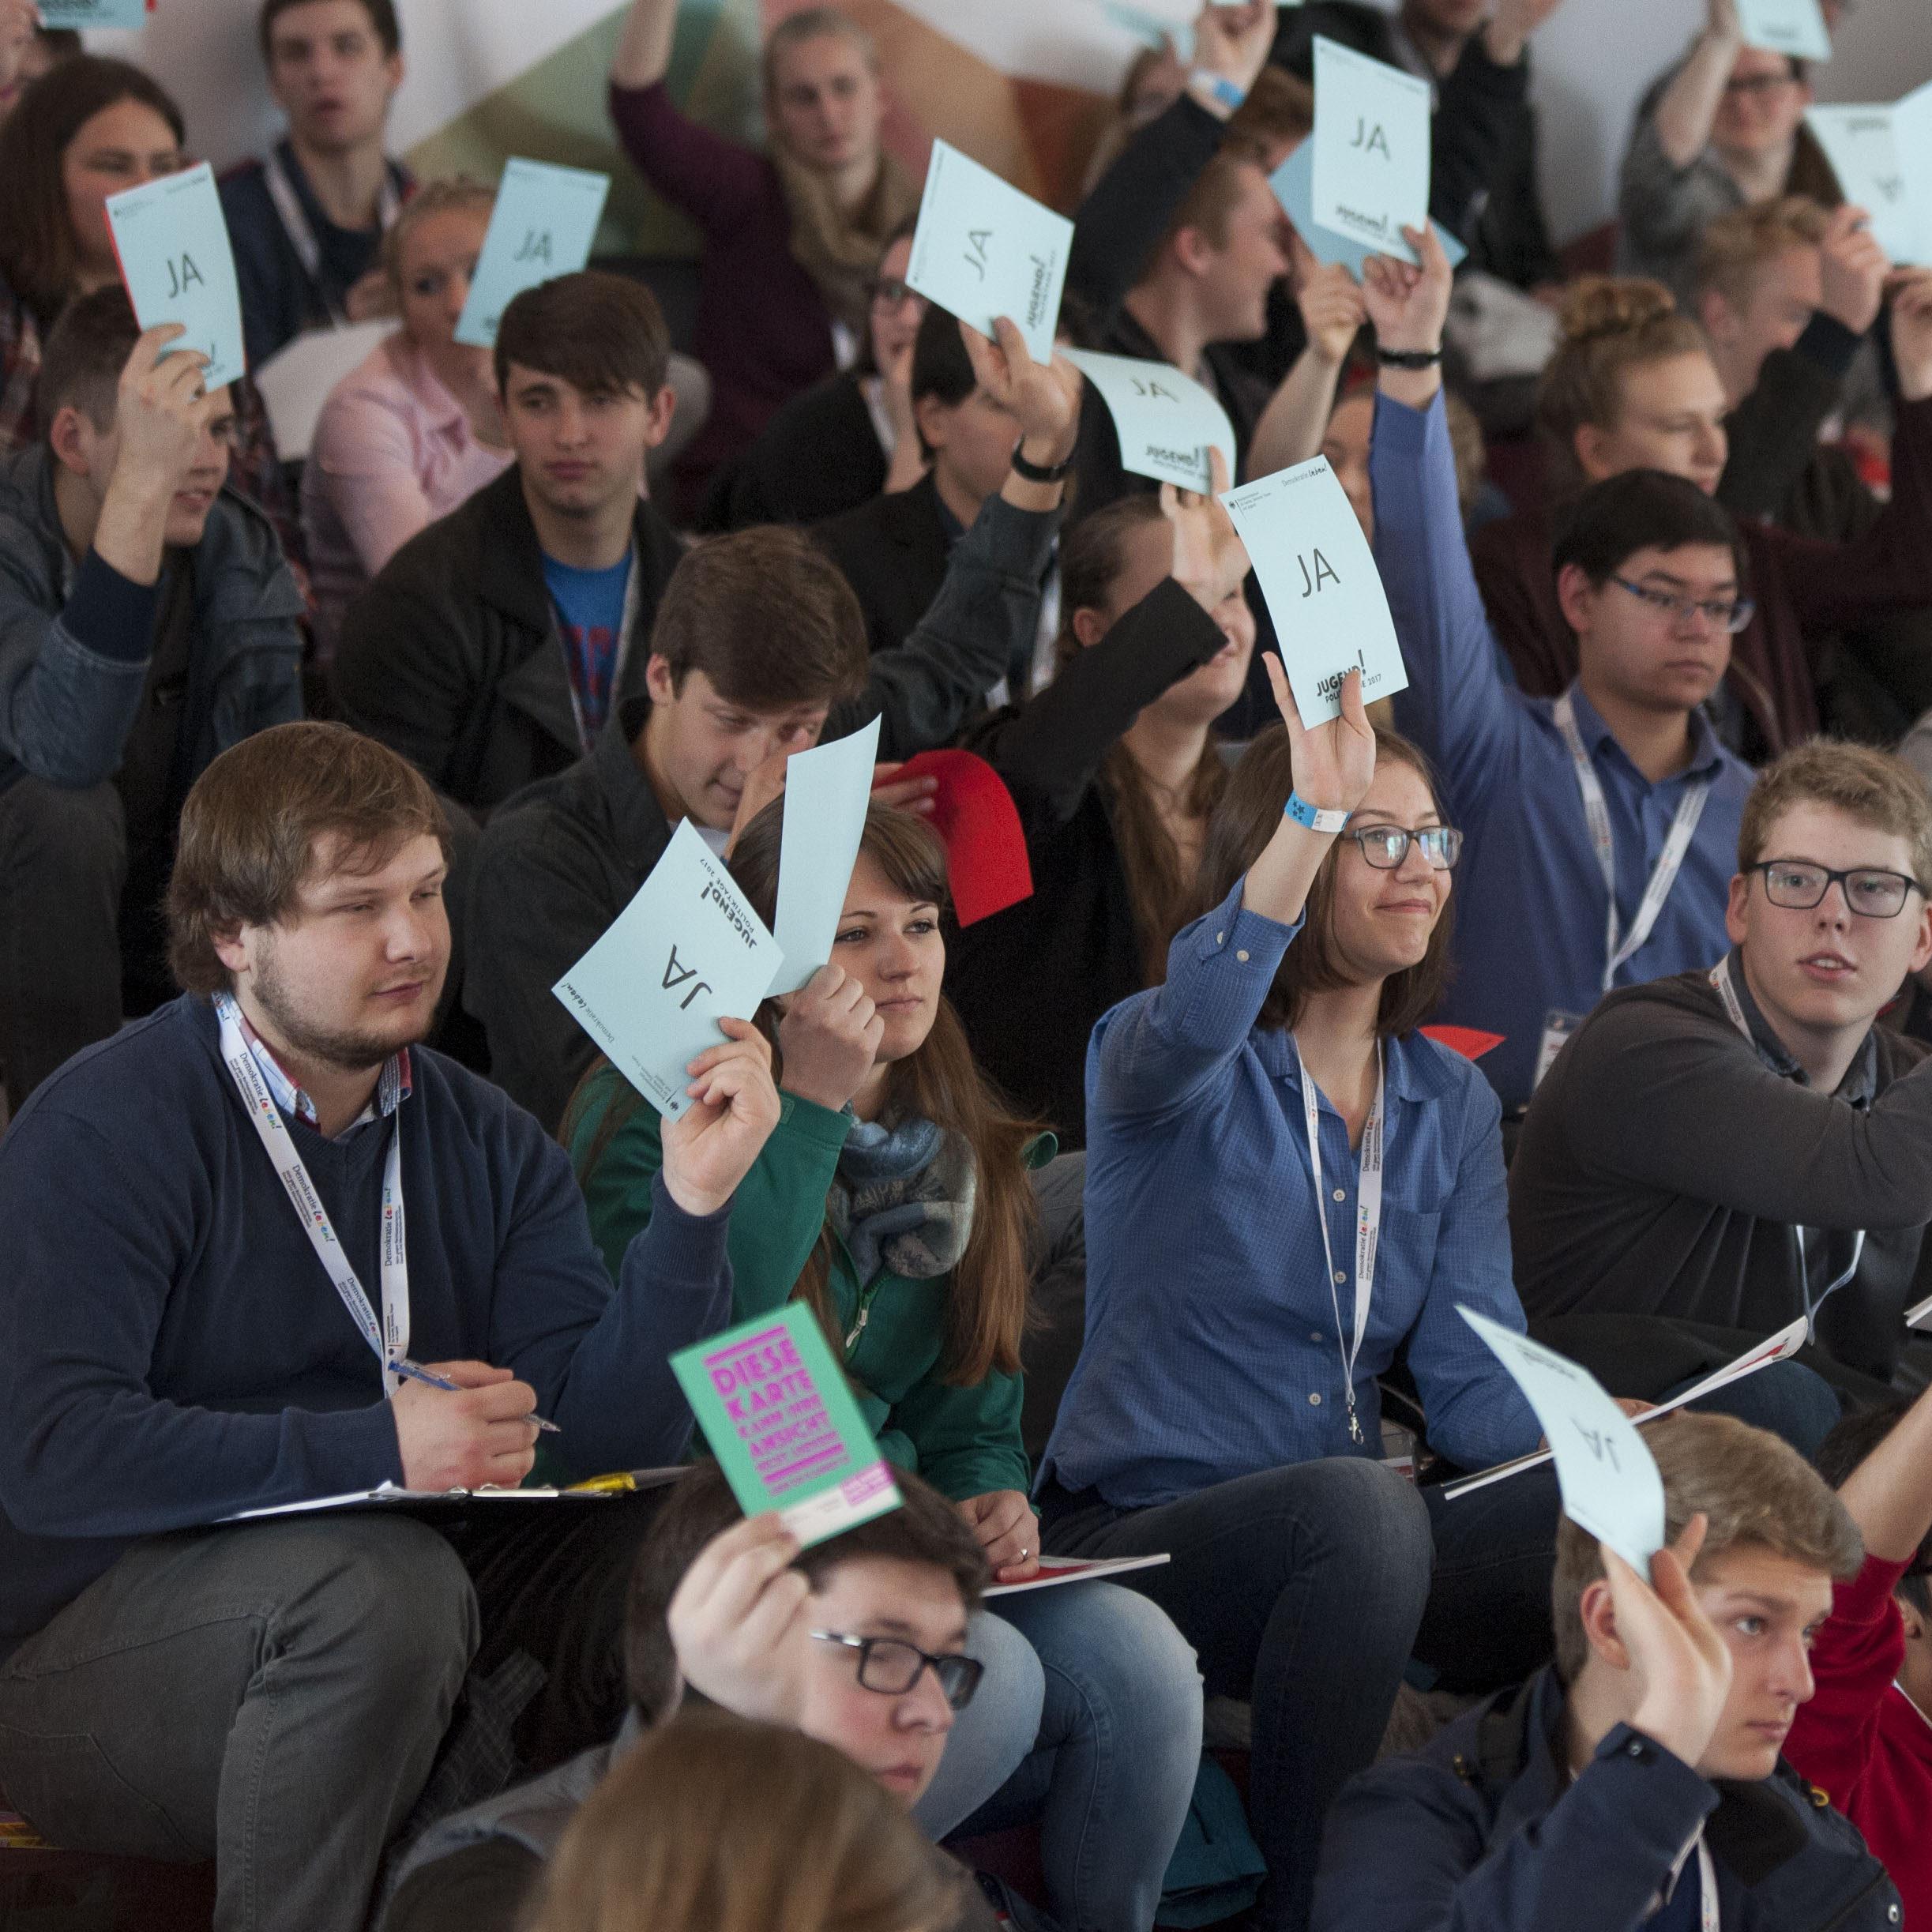 Hier wird Demokratie sichtbar: Beim Abstimmen. Foto: Lucas Bäuml